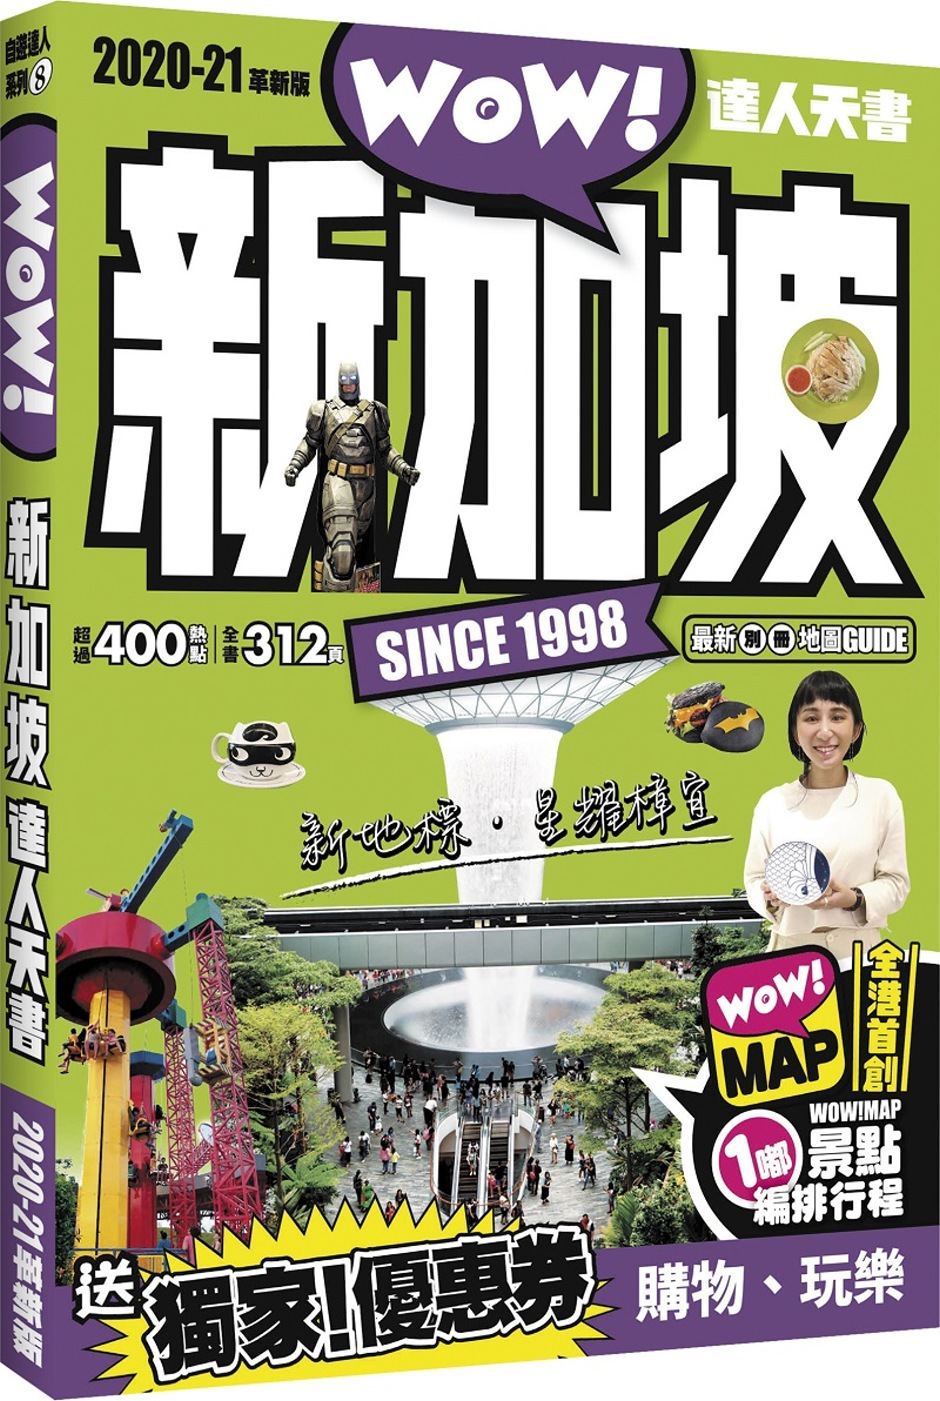 新加坡達人天書2020-21革新版